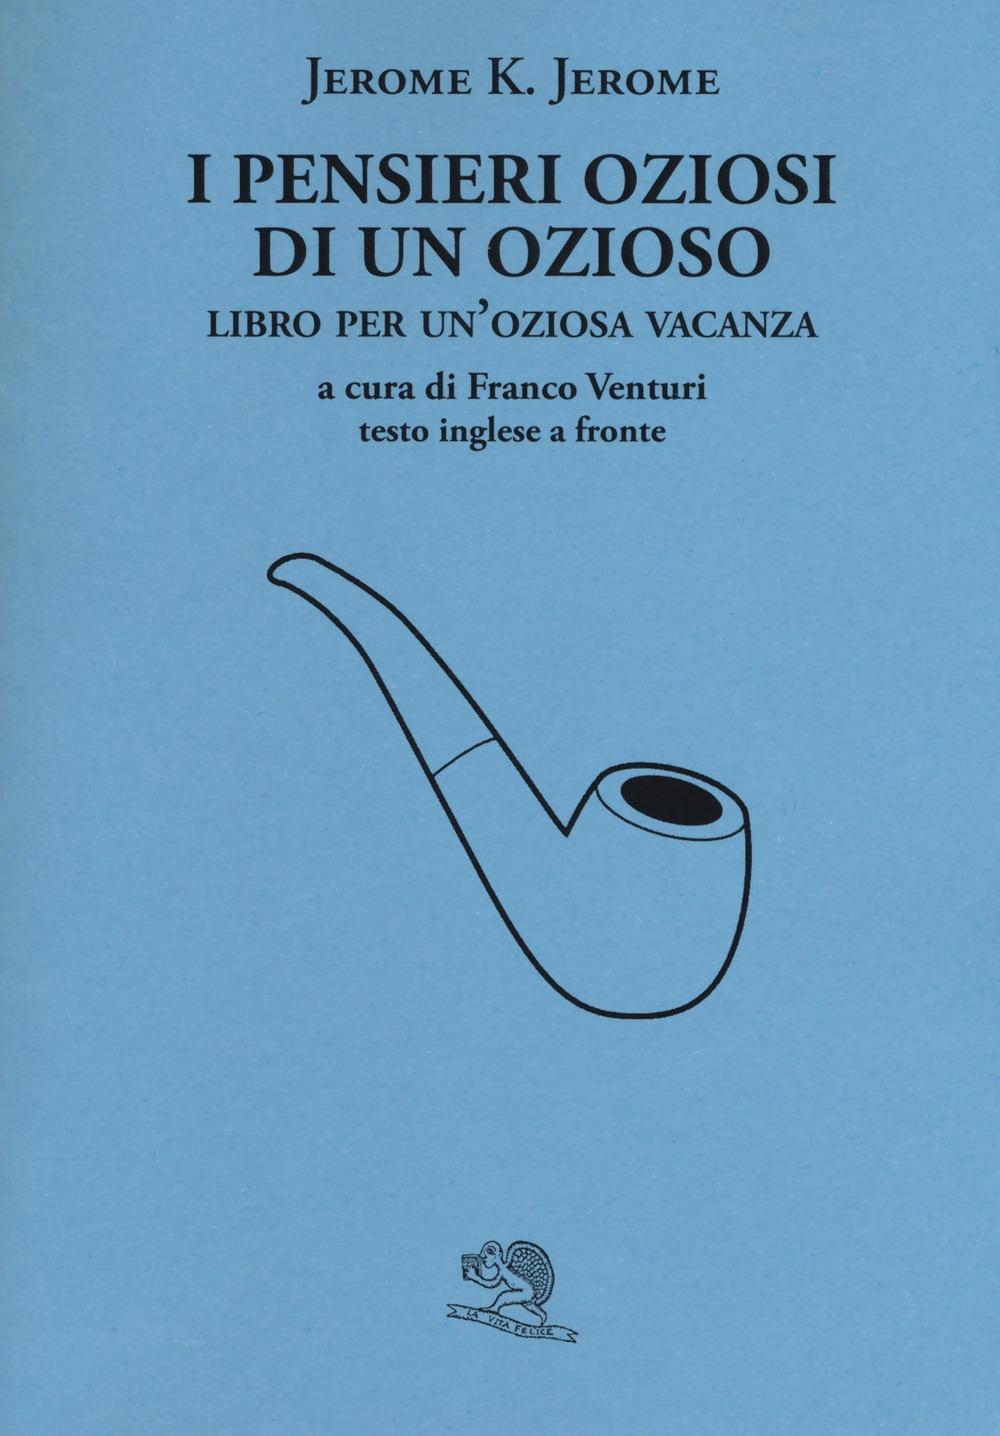 I pensieri oziosi di un ozioso. Libro per un'oziosa vacanza. Testo inglese a fronte